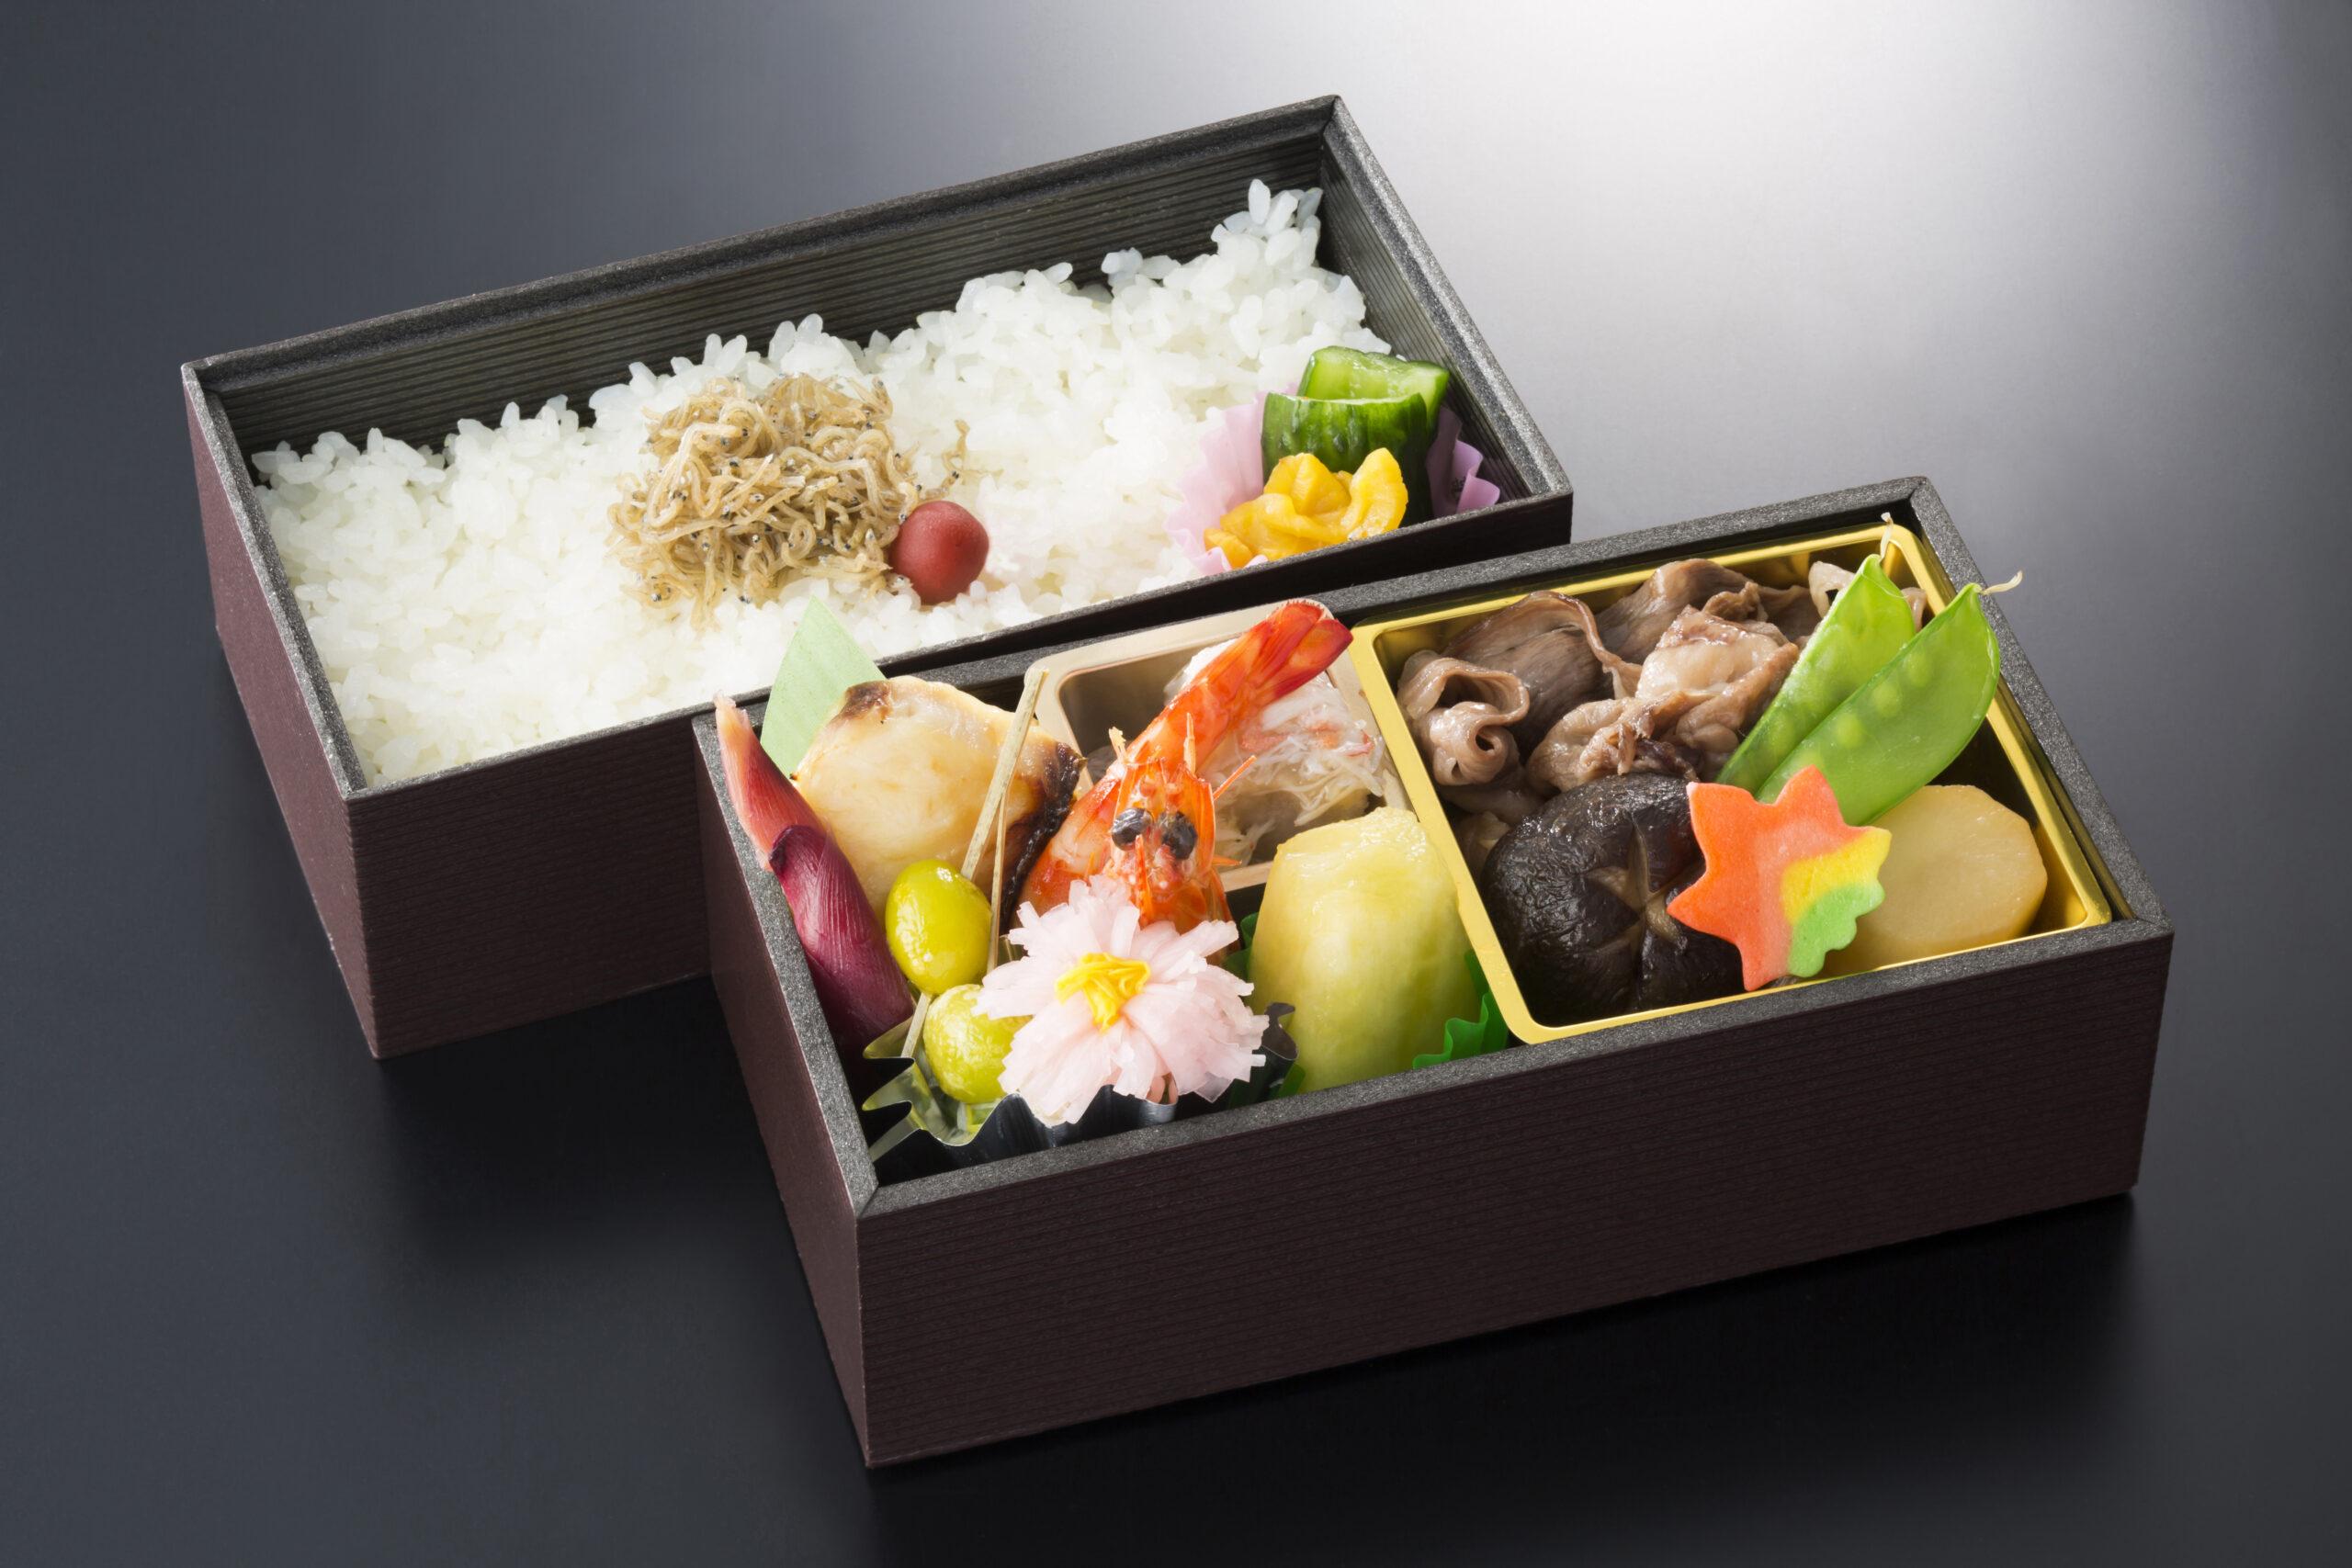 【おまかせ弁当】2,160円/炊込ご飯 2,700円